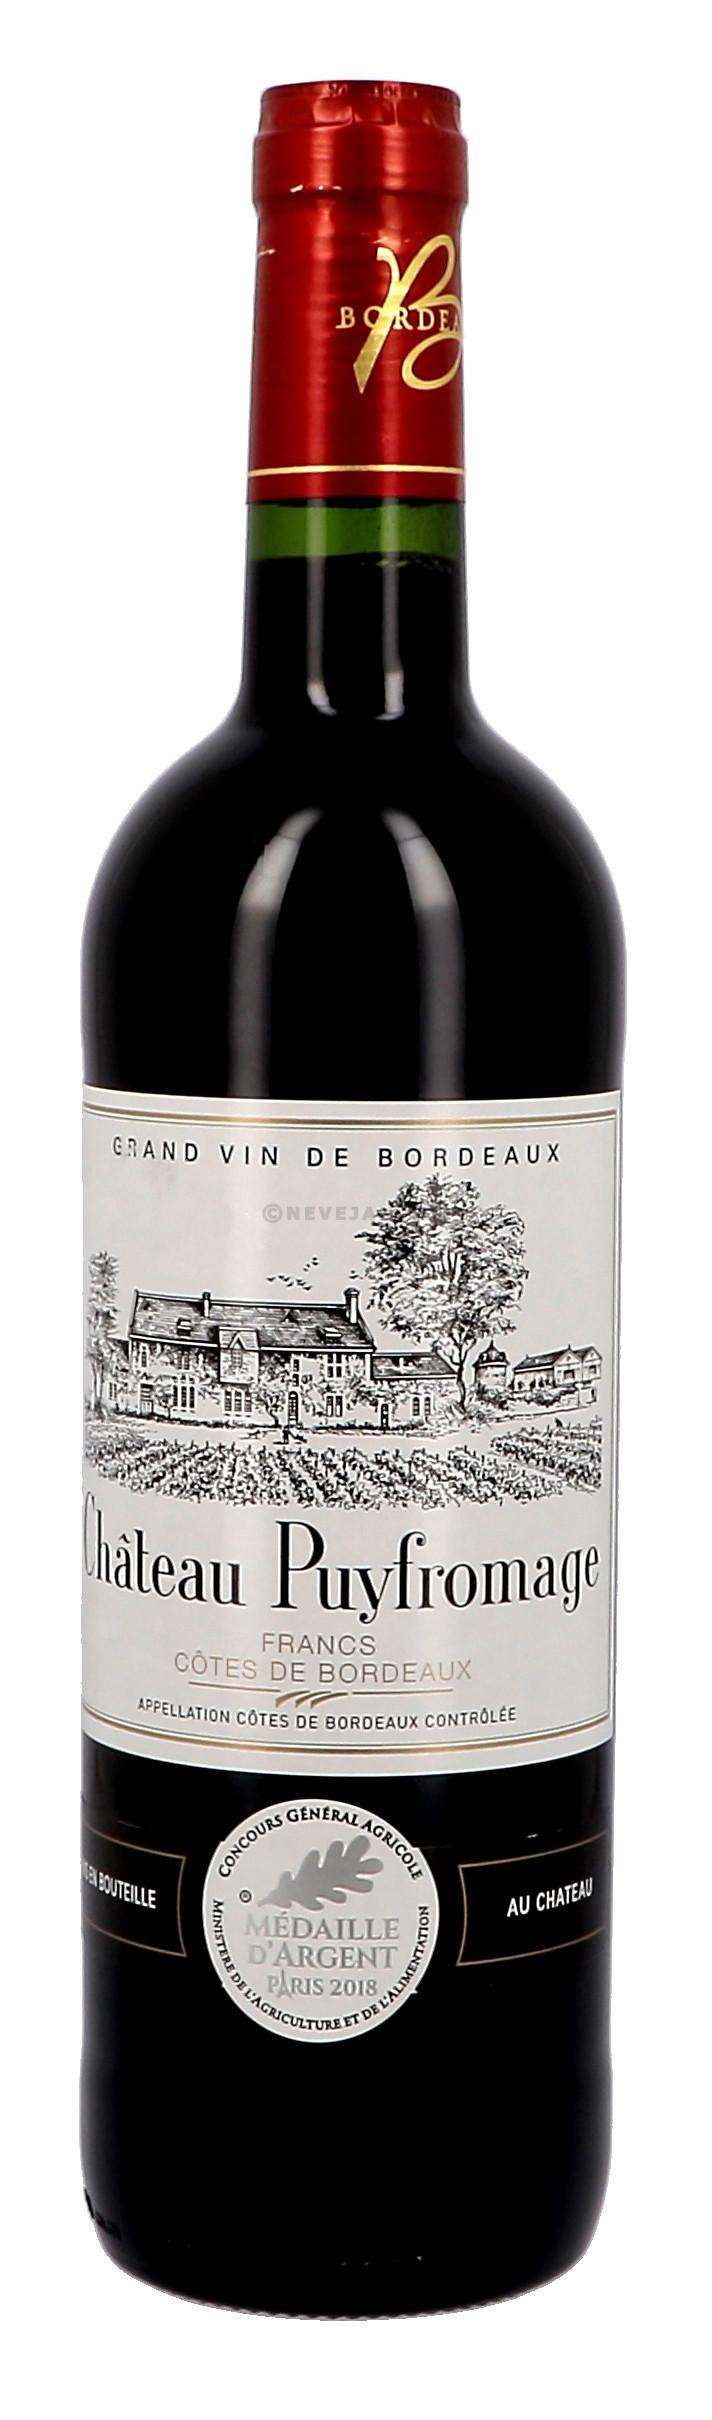 Chateau Puyfromage 75cl Bordeaux Cotes de Francs